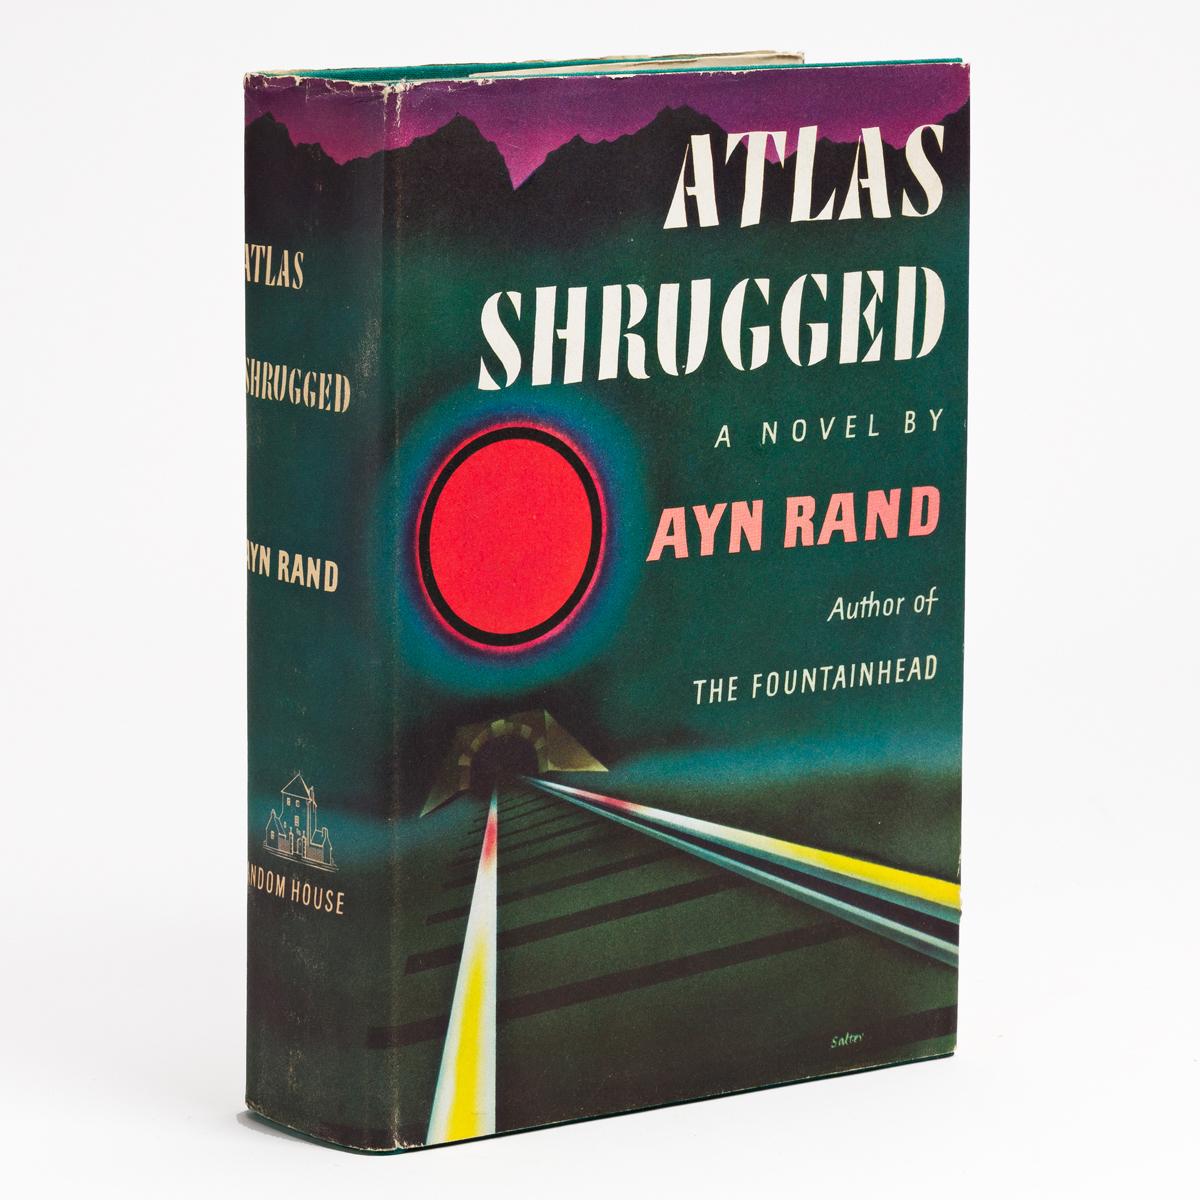 RAND, AYN. Atlas Shrugged.